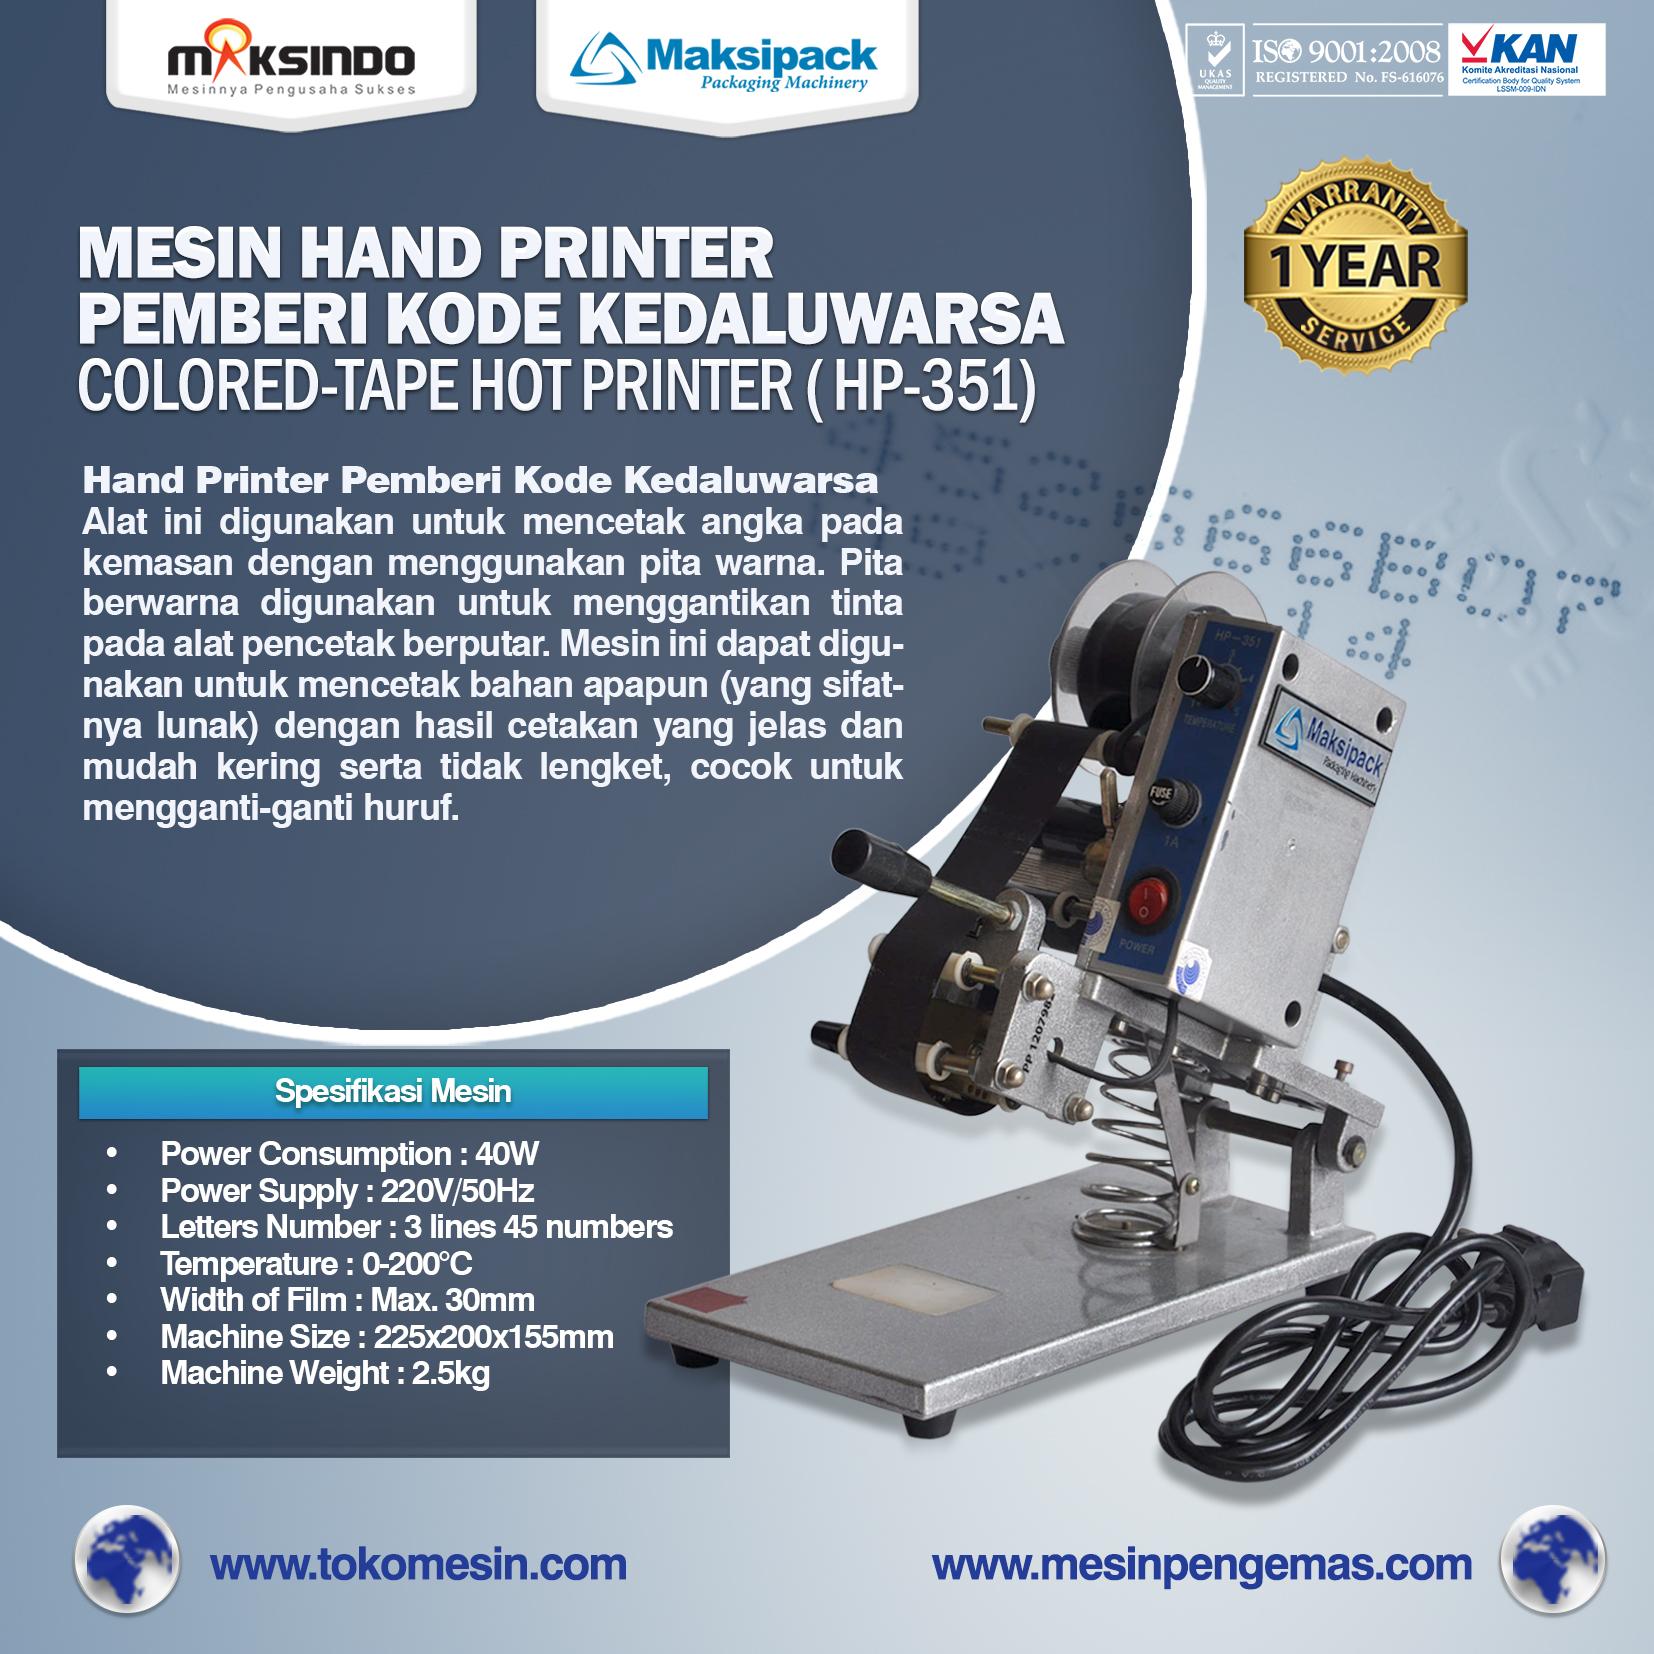 Jual Mesin Hand Printer (Pencetak Kedaluwarsa) di  Bandung